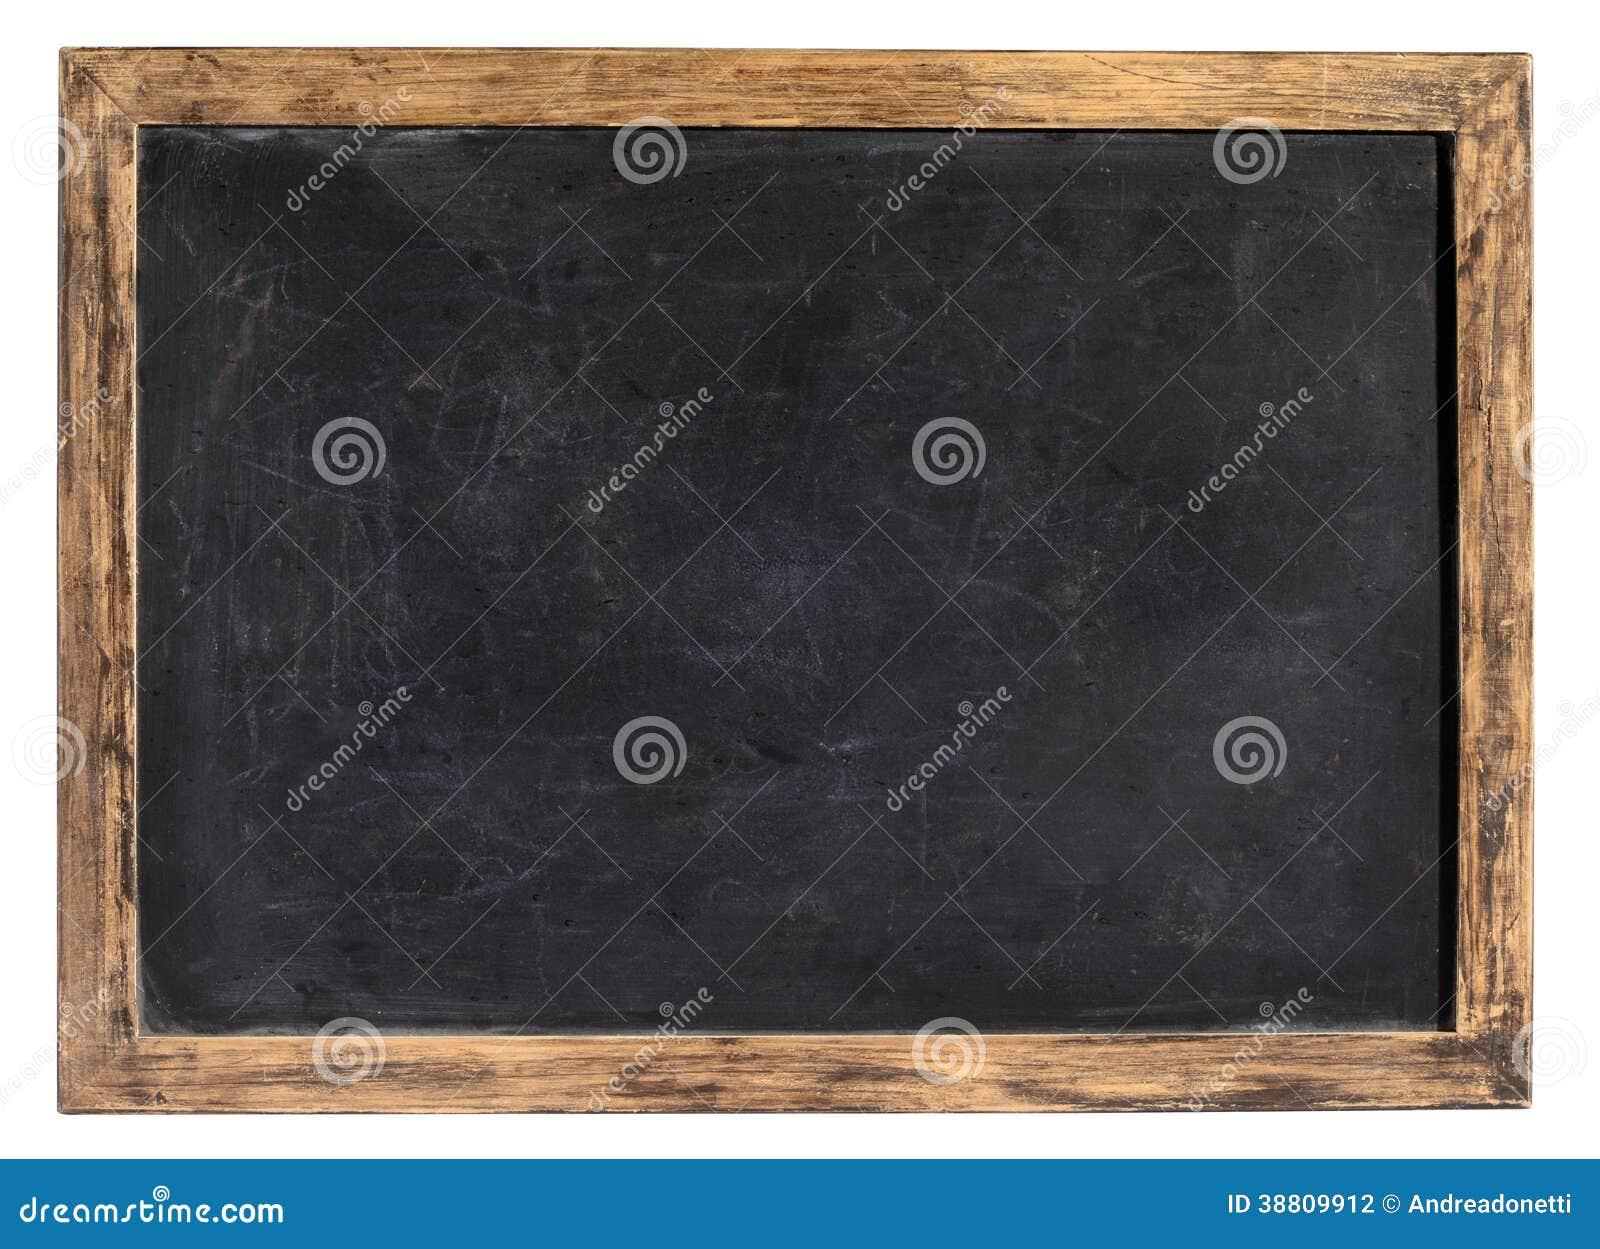 Tableau noir de vintage ou ardoise d 39 cole photo stock - Tableau ardoise noir ...